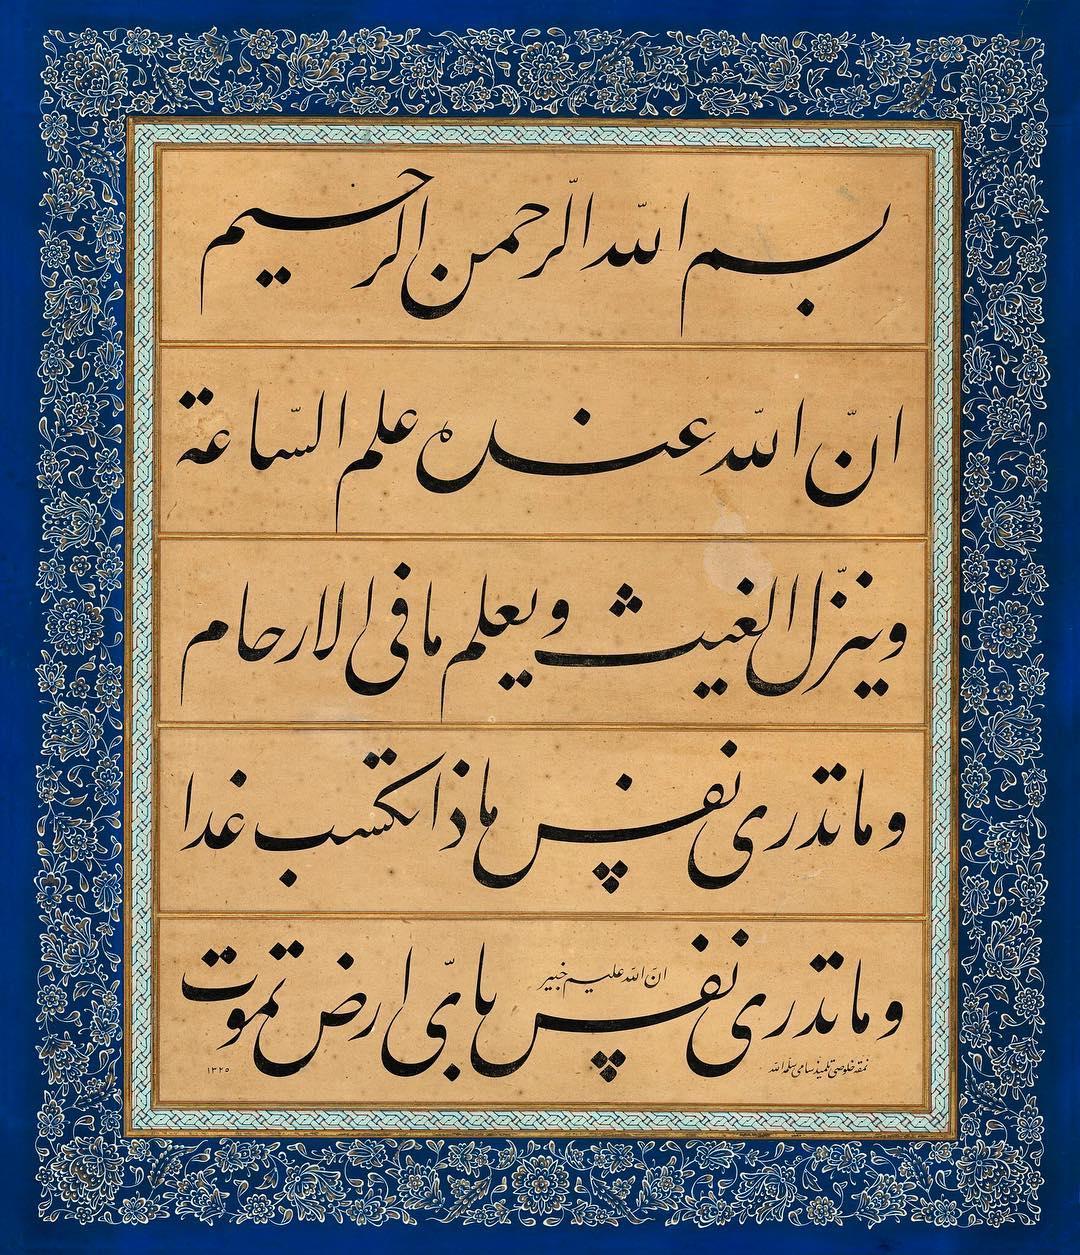 Apk Website For Arabic Calligraphy Rahmân ve Rahîm Allah'ın adıyla... Kıyamet saati hakkındaki bilgi yalnız Allah'ı... 589 1